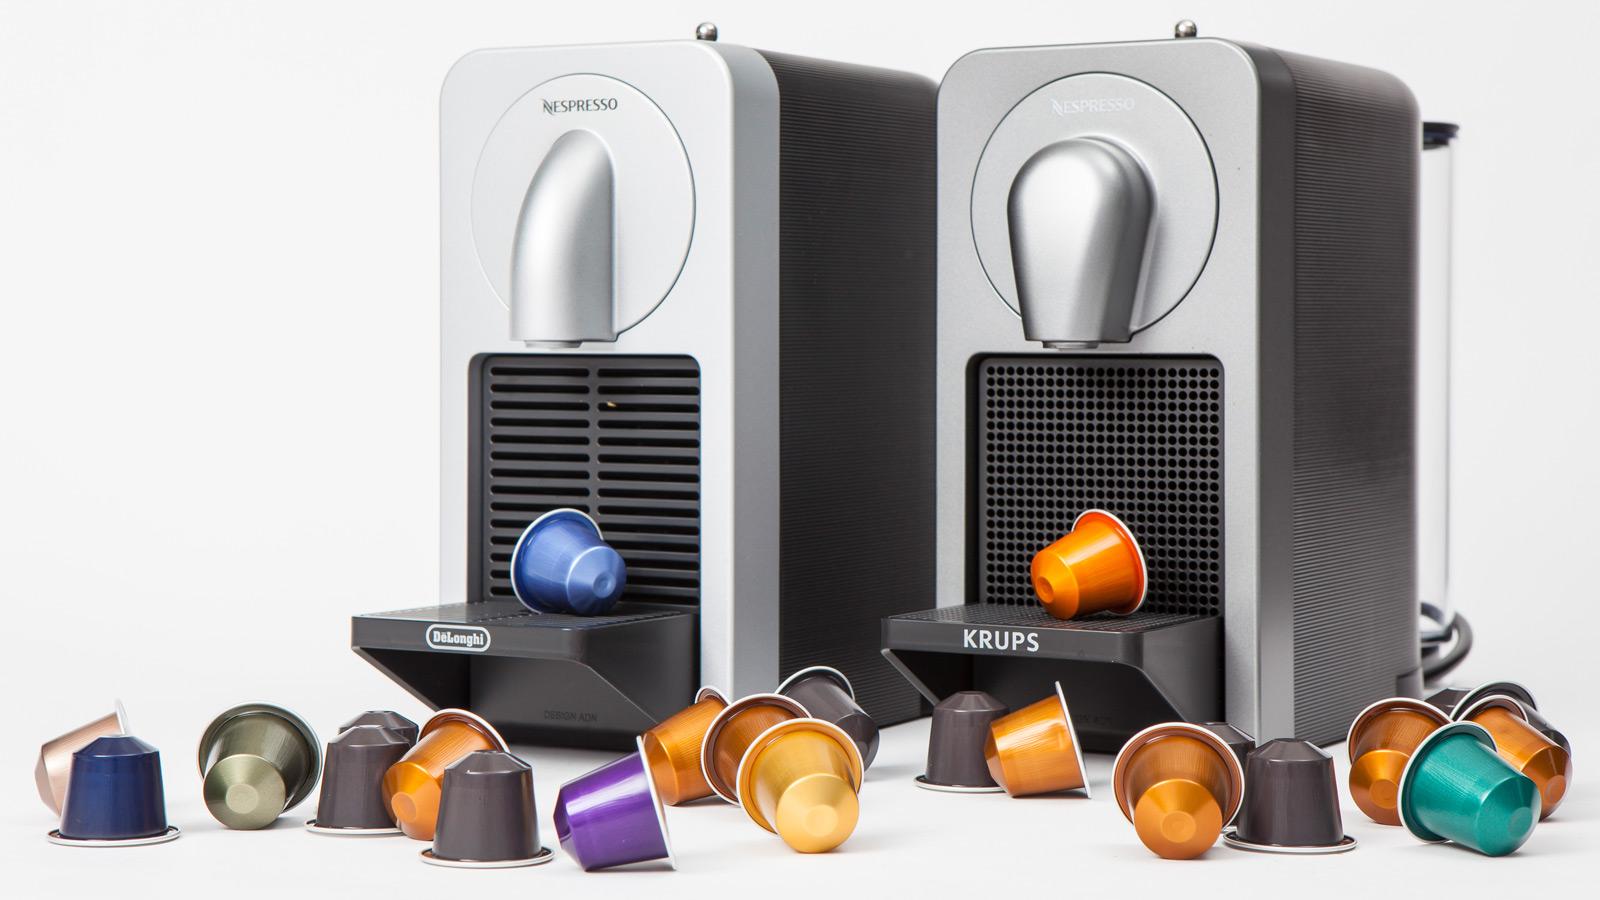 Nespresso Prodigio é a primeira máquina de café interativa da Nespresso